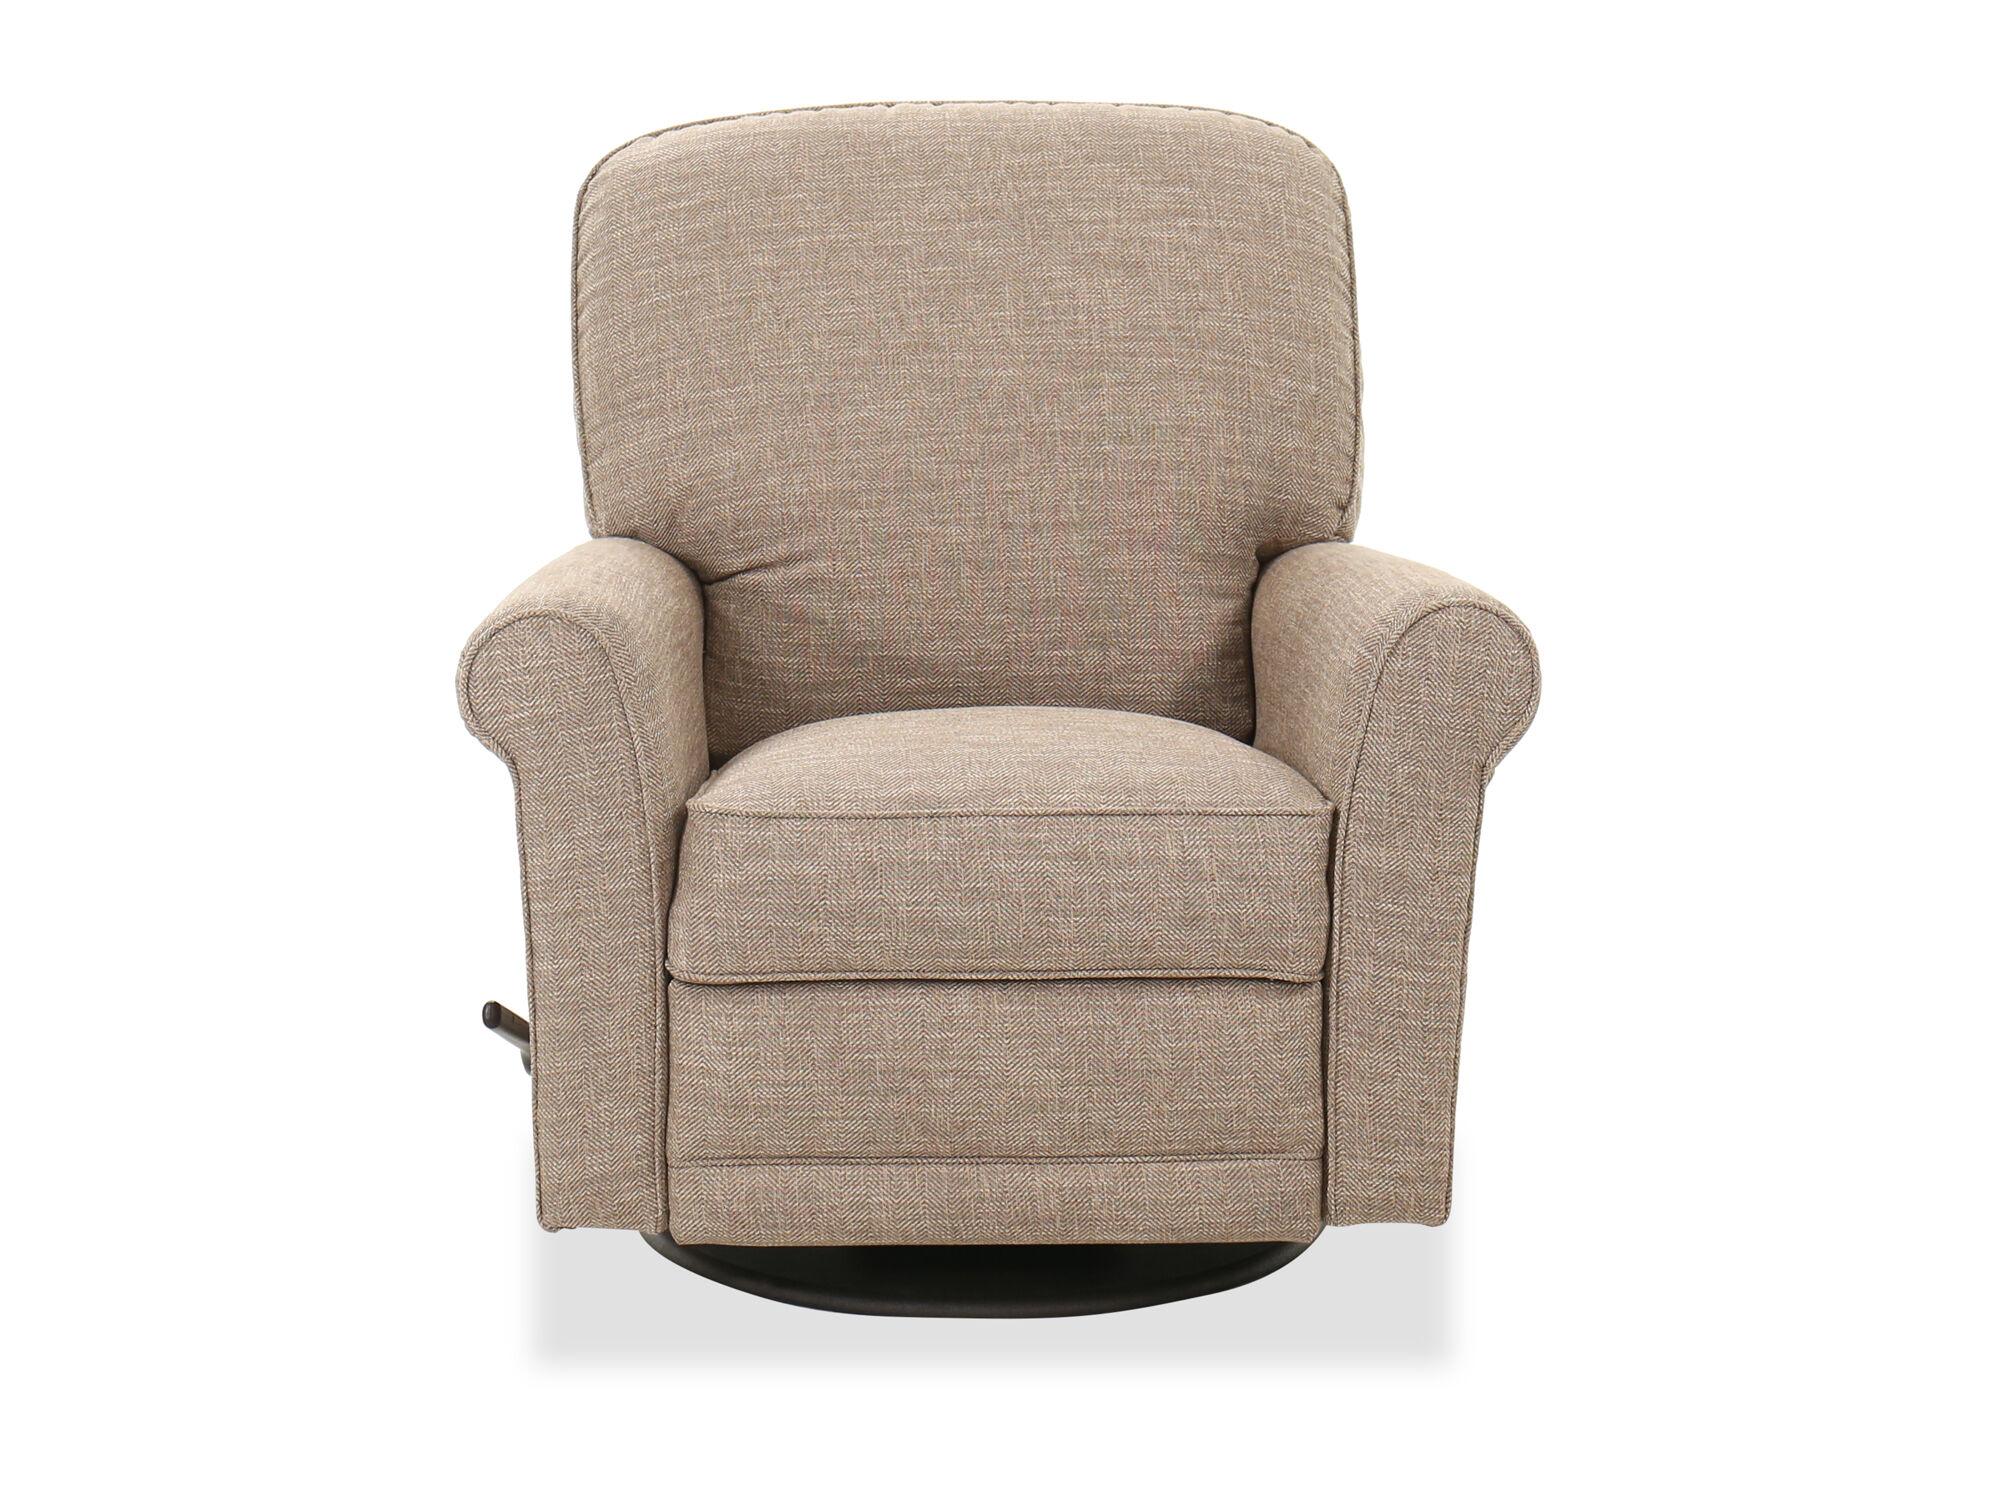 Glider Rocker Recliner Chair